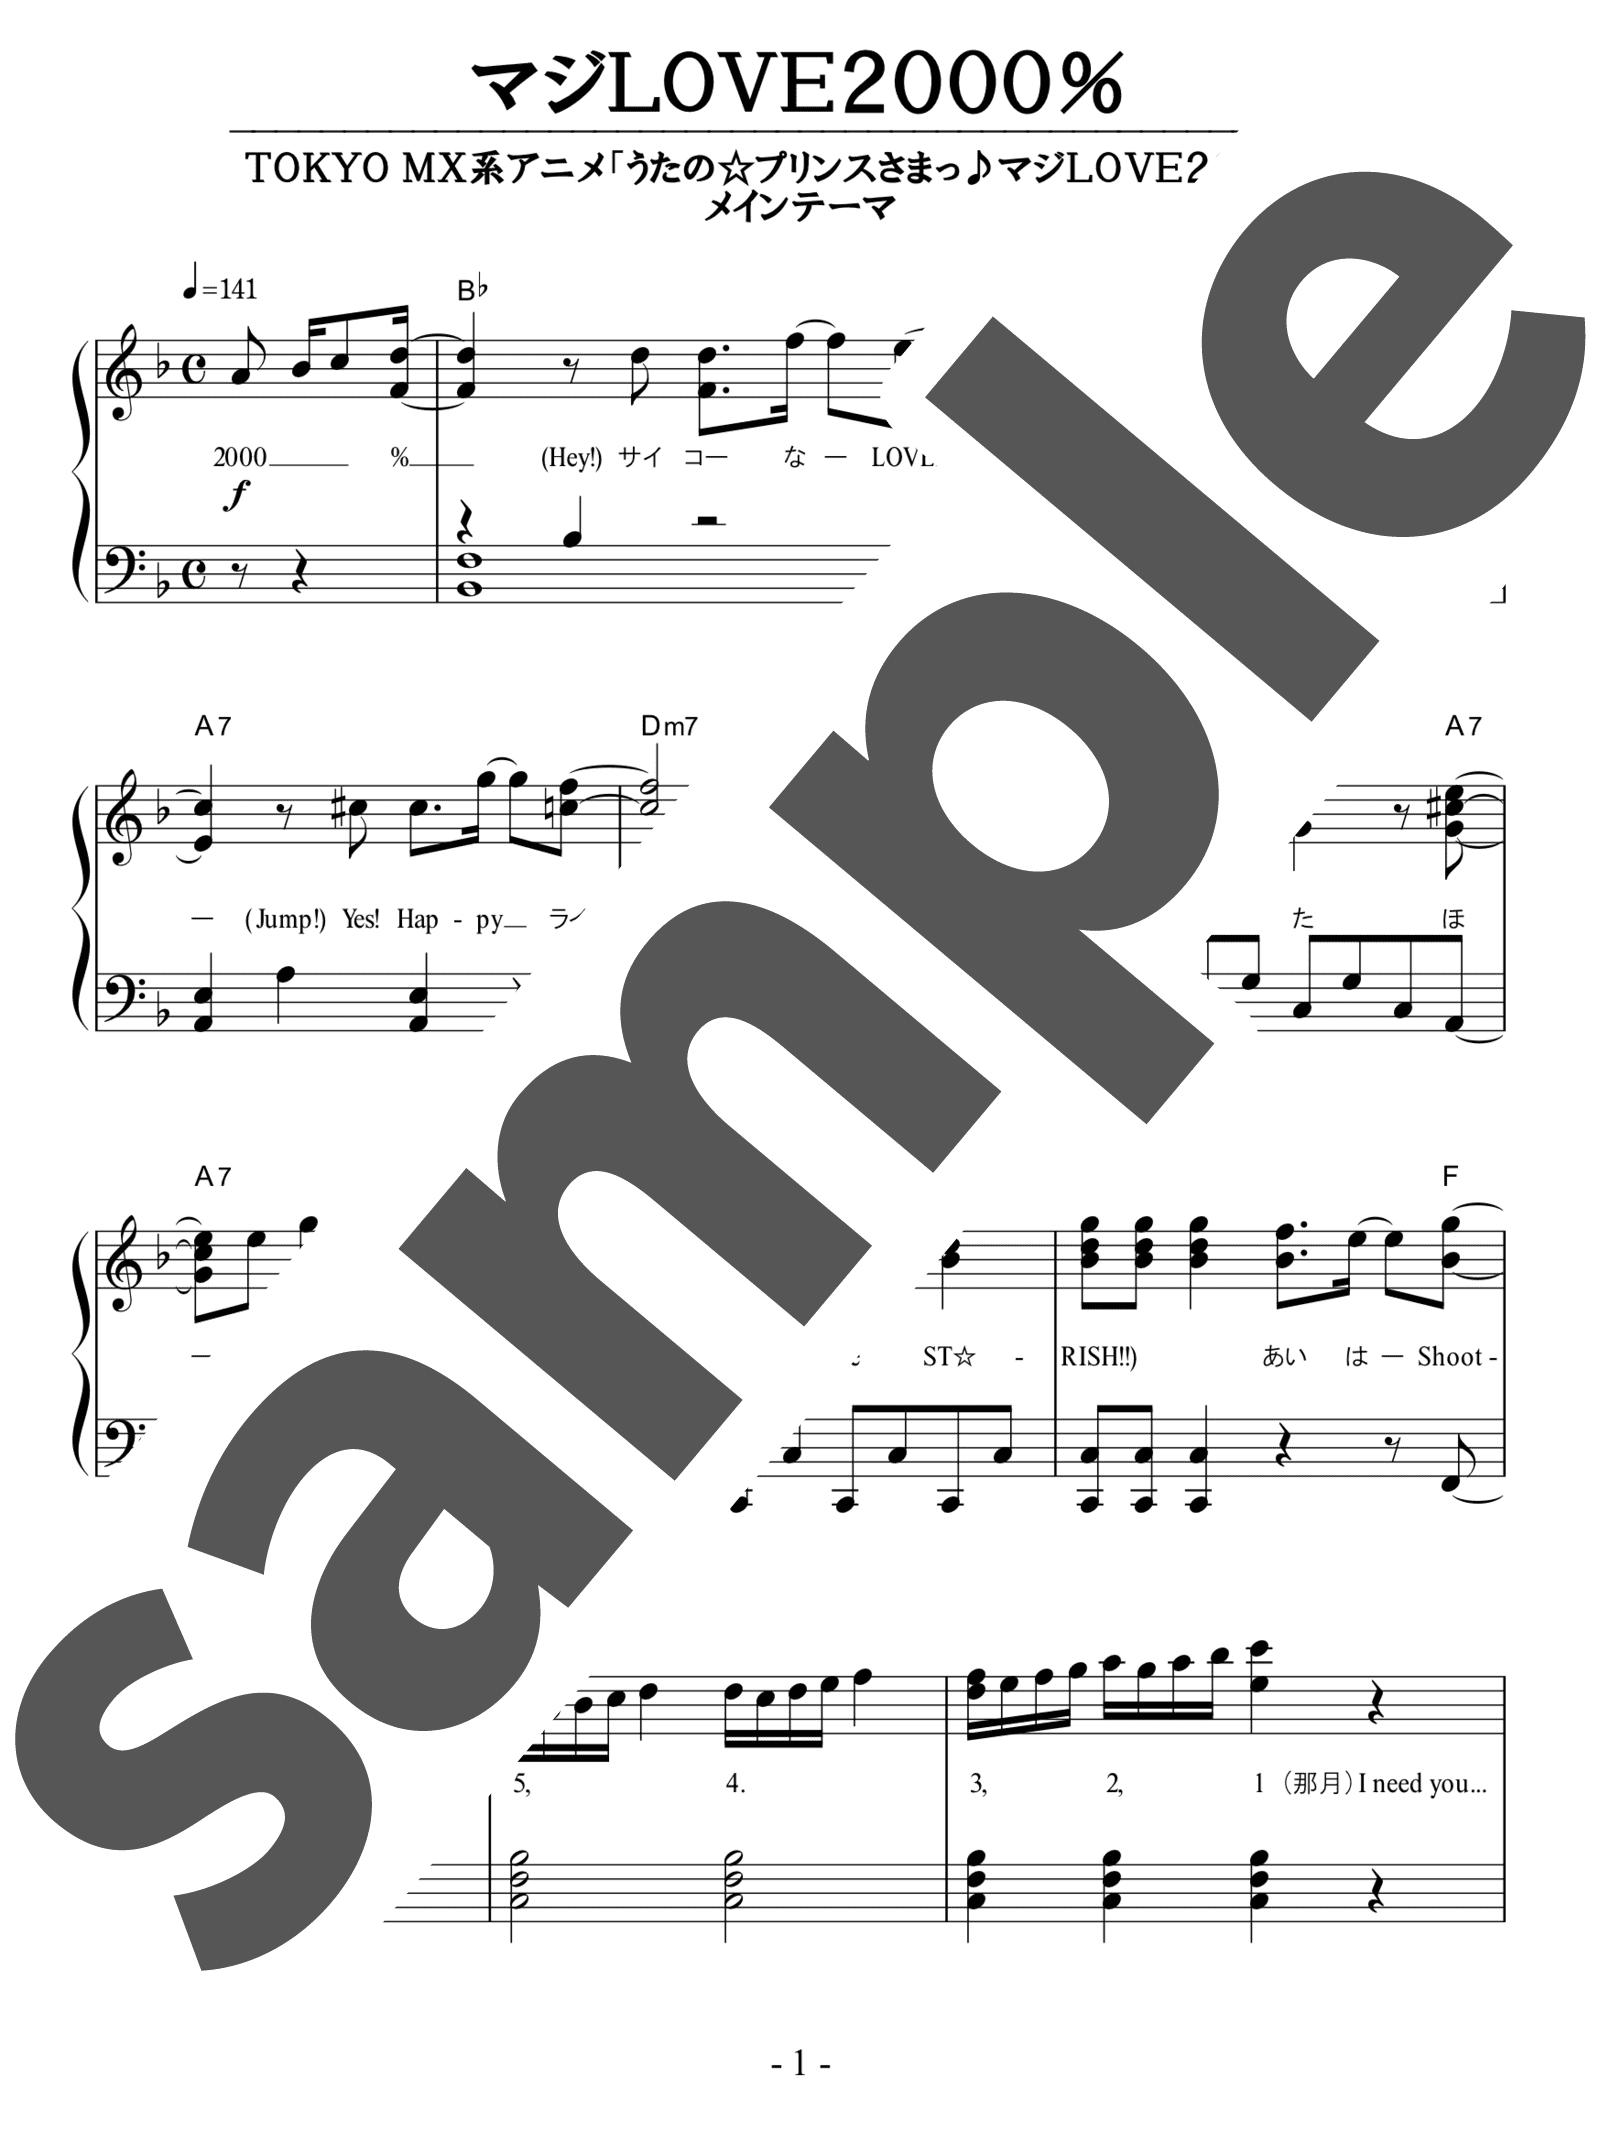 「マジLOVE2000%」のサンプル楽譜